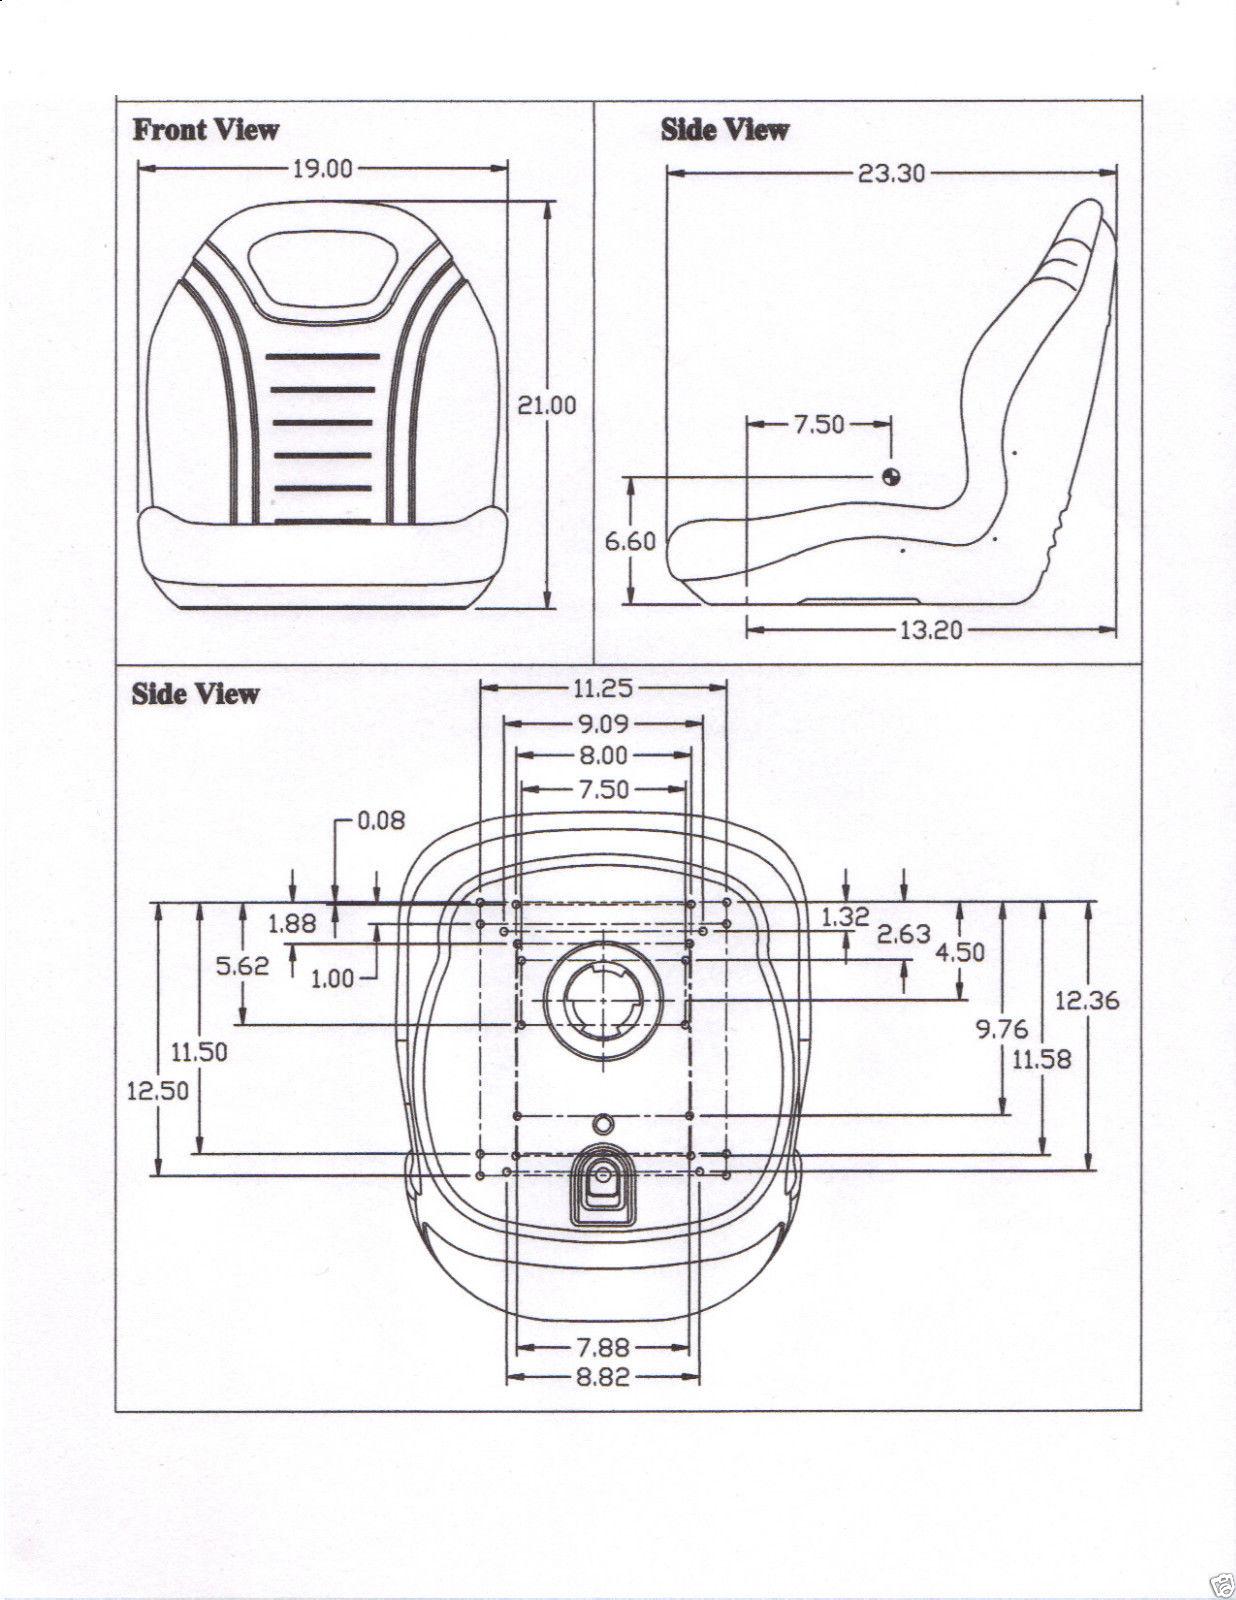 XB200 SEAT FORKLIFT, BACKHOE, BOBCAT, CASE, SKID STEER, JD